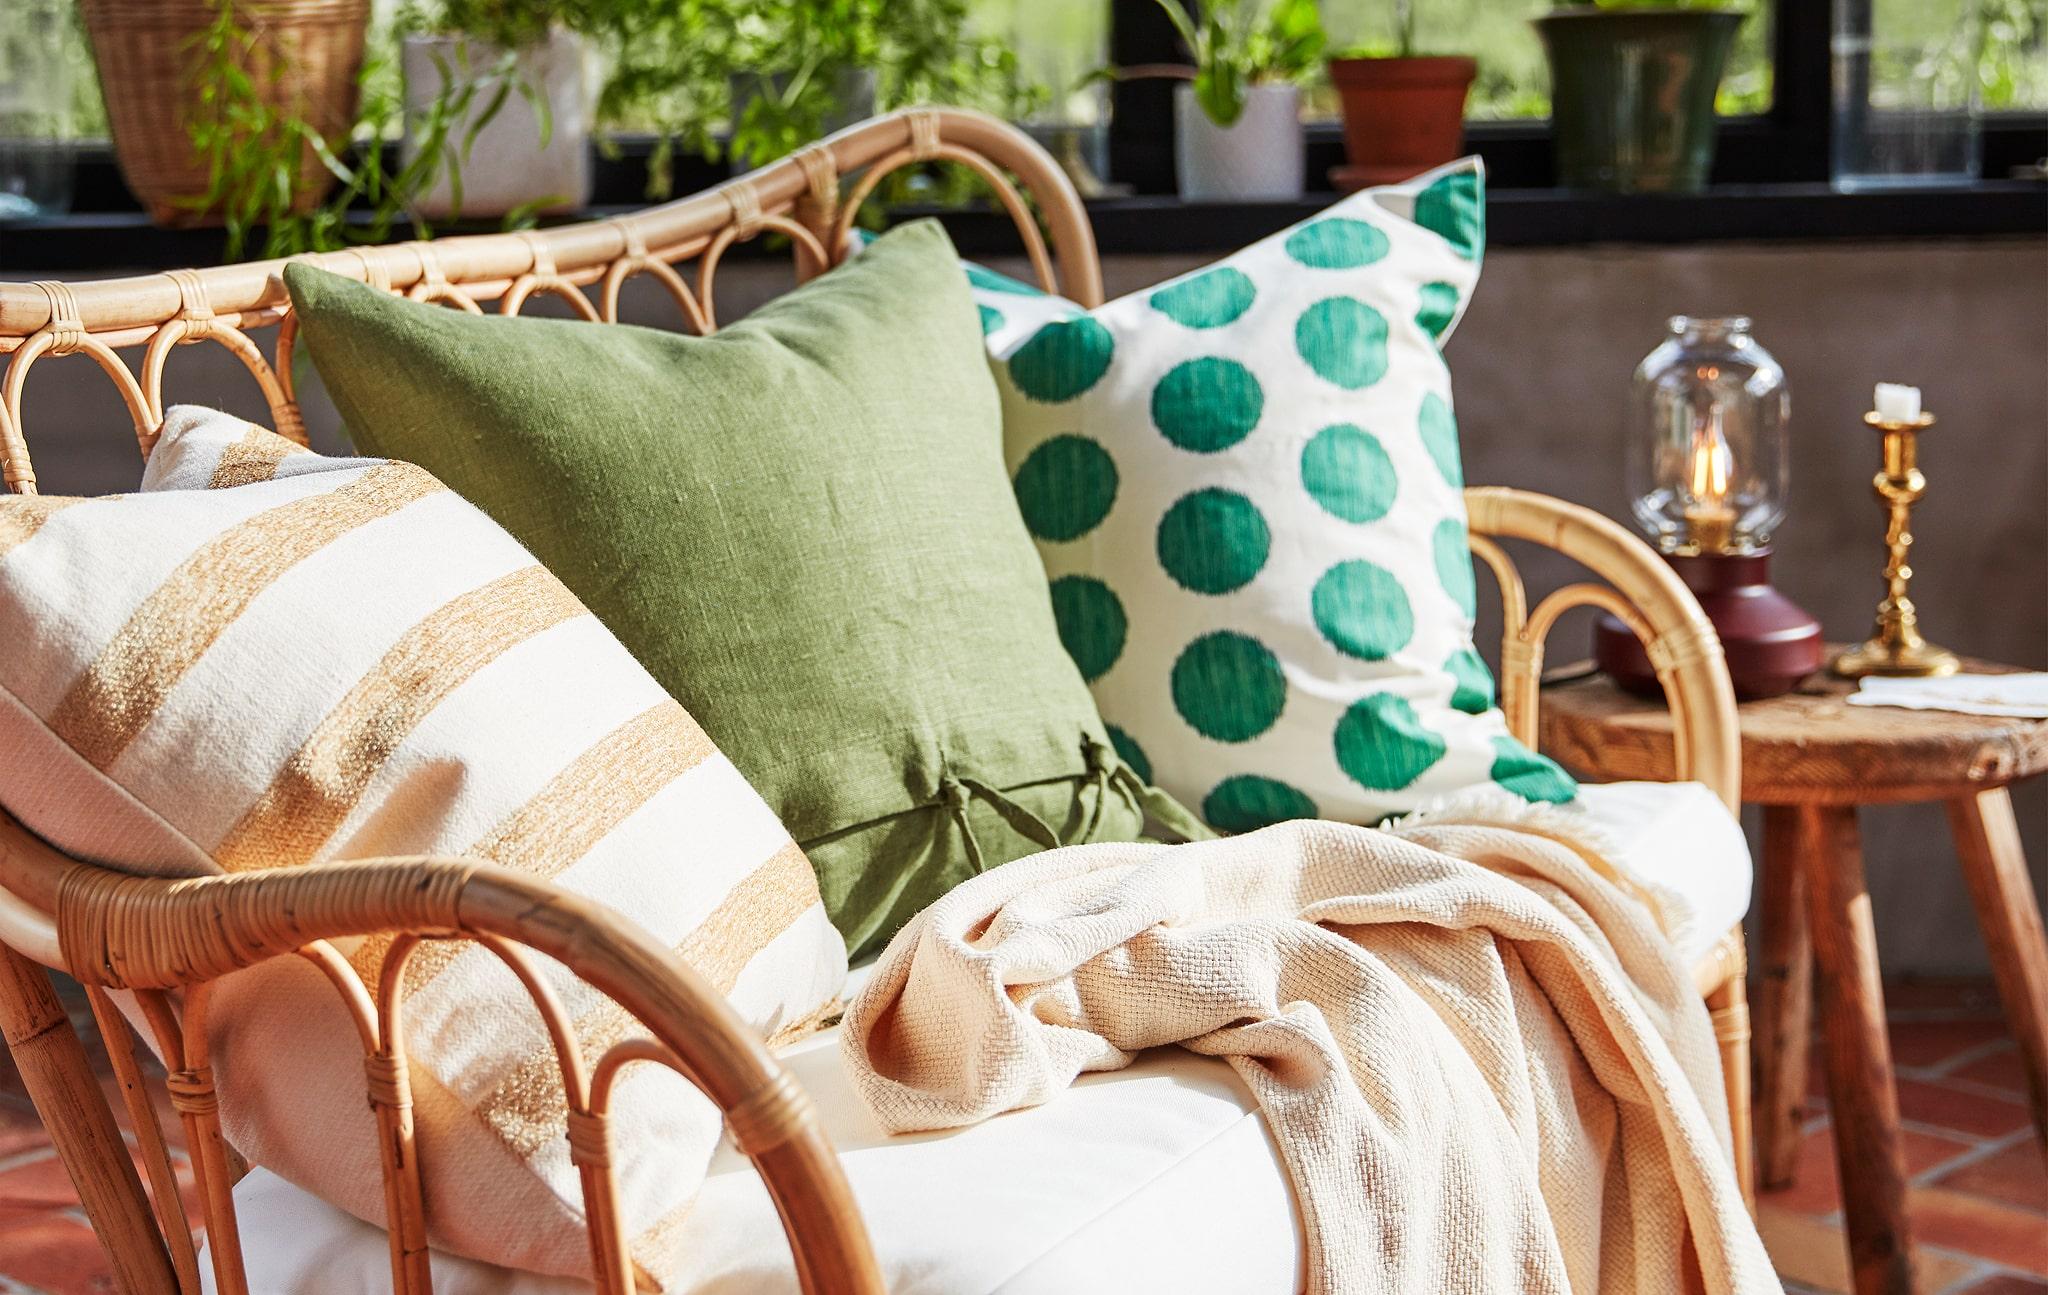 Tiga bantal dengan pola berbeda dalam warna teduh, diletakkan di sofa rotan di ruang tamu.